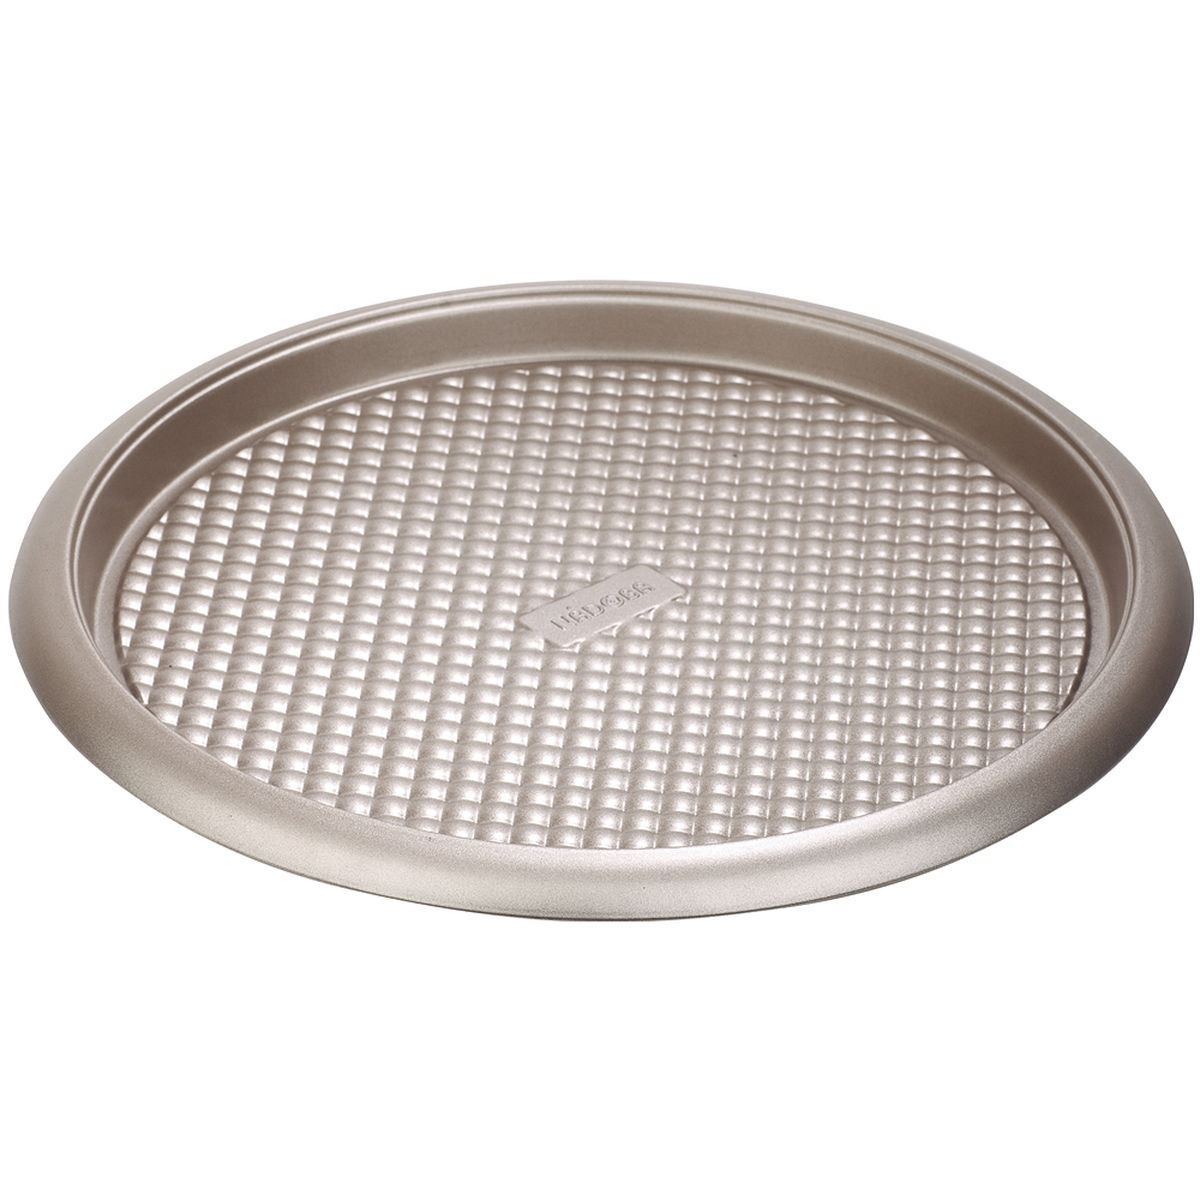 Форма для выпечки Nadoba Rada, с антипригарным покрытием, диаметр 34 см форма круглая для пирога 32х3 см nadoba rada 761020